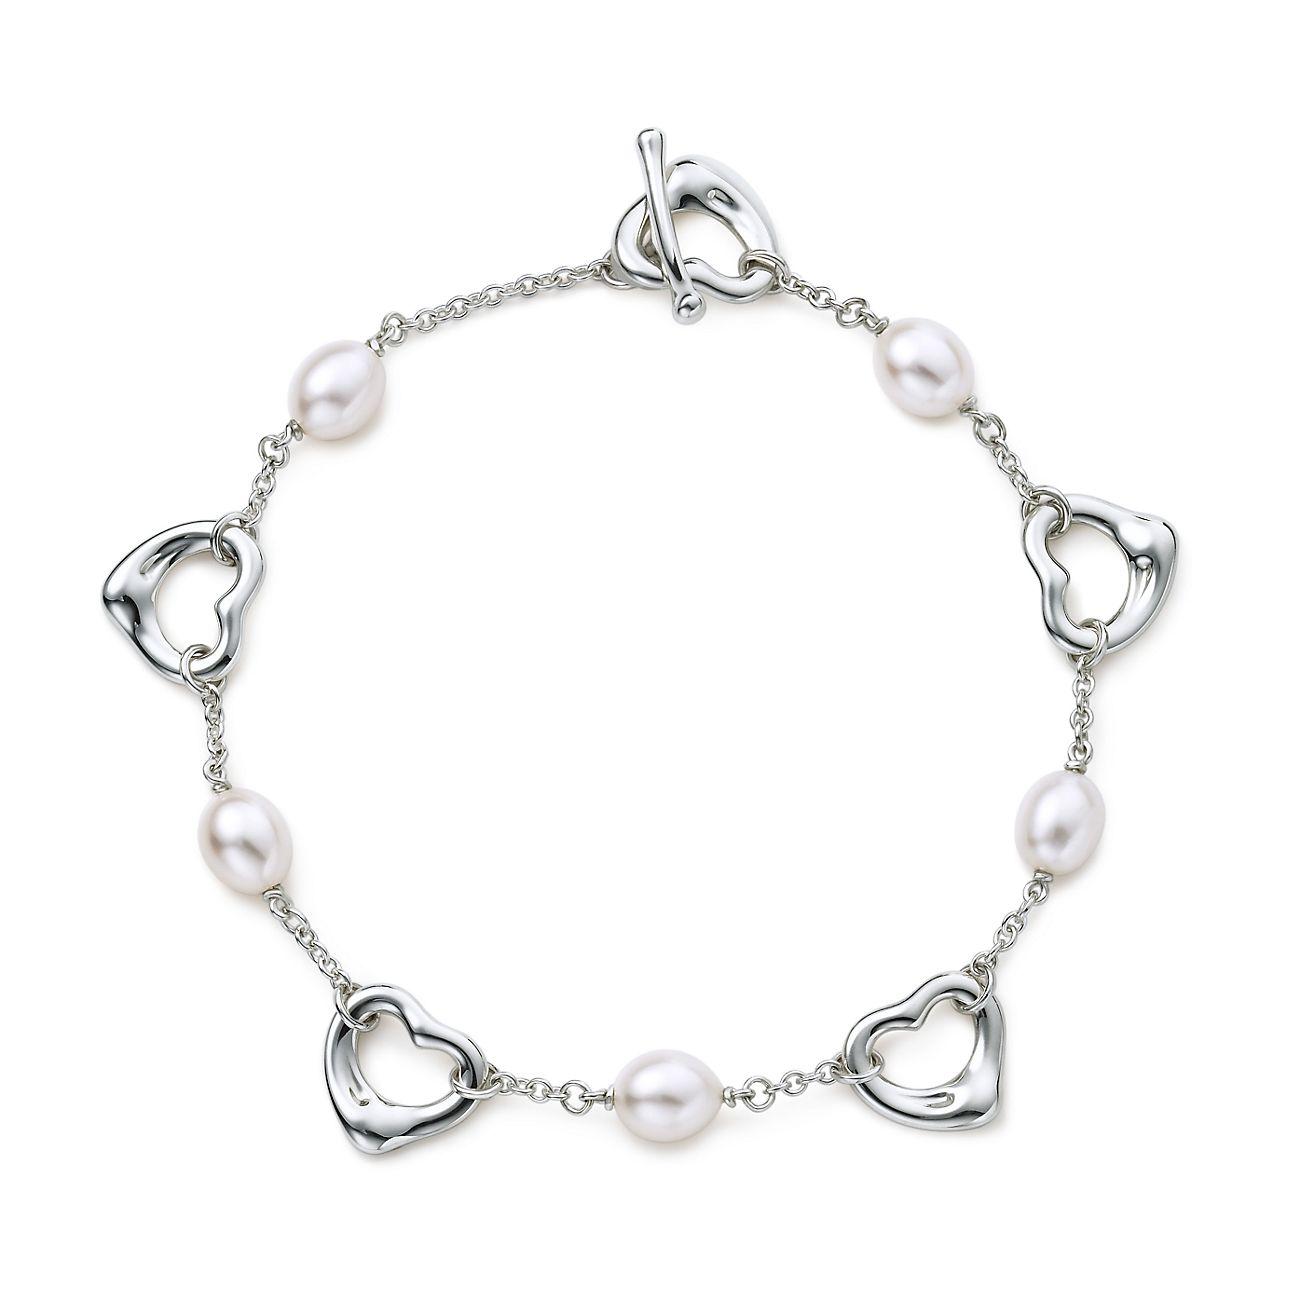 Tiffany Heart Bracelet >> Elsa Peretti® Open Heart bracelet with cultured pearls in ...